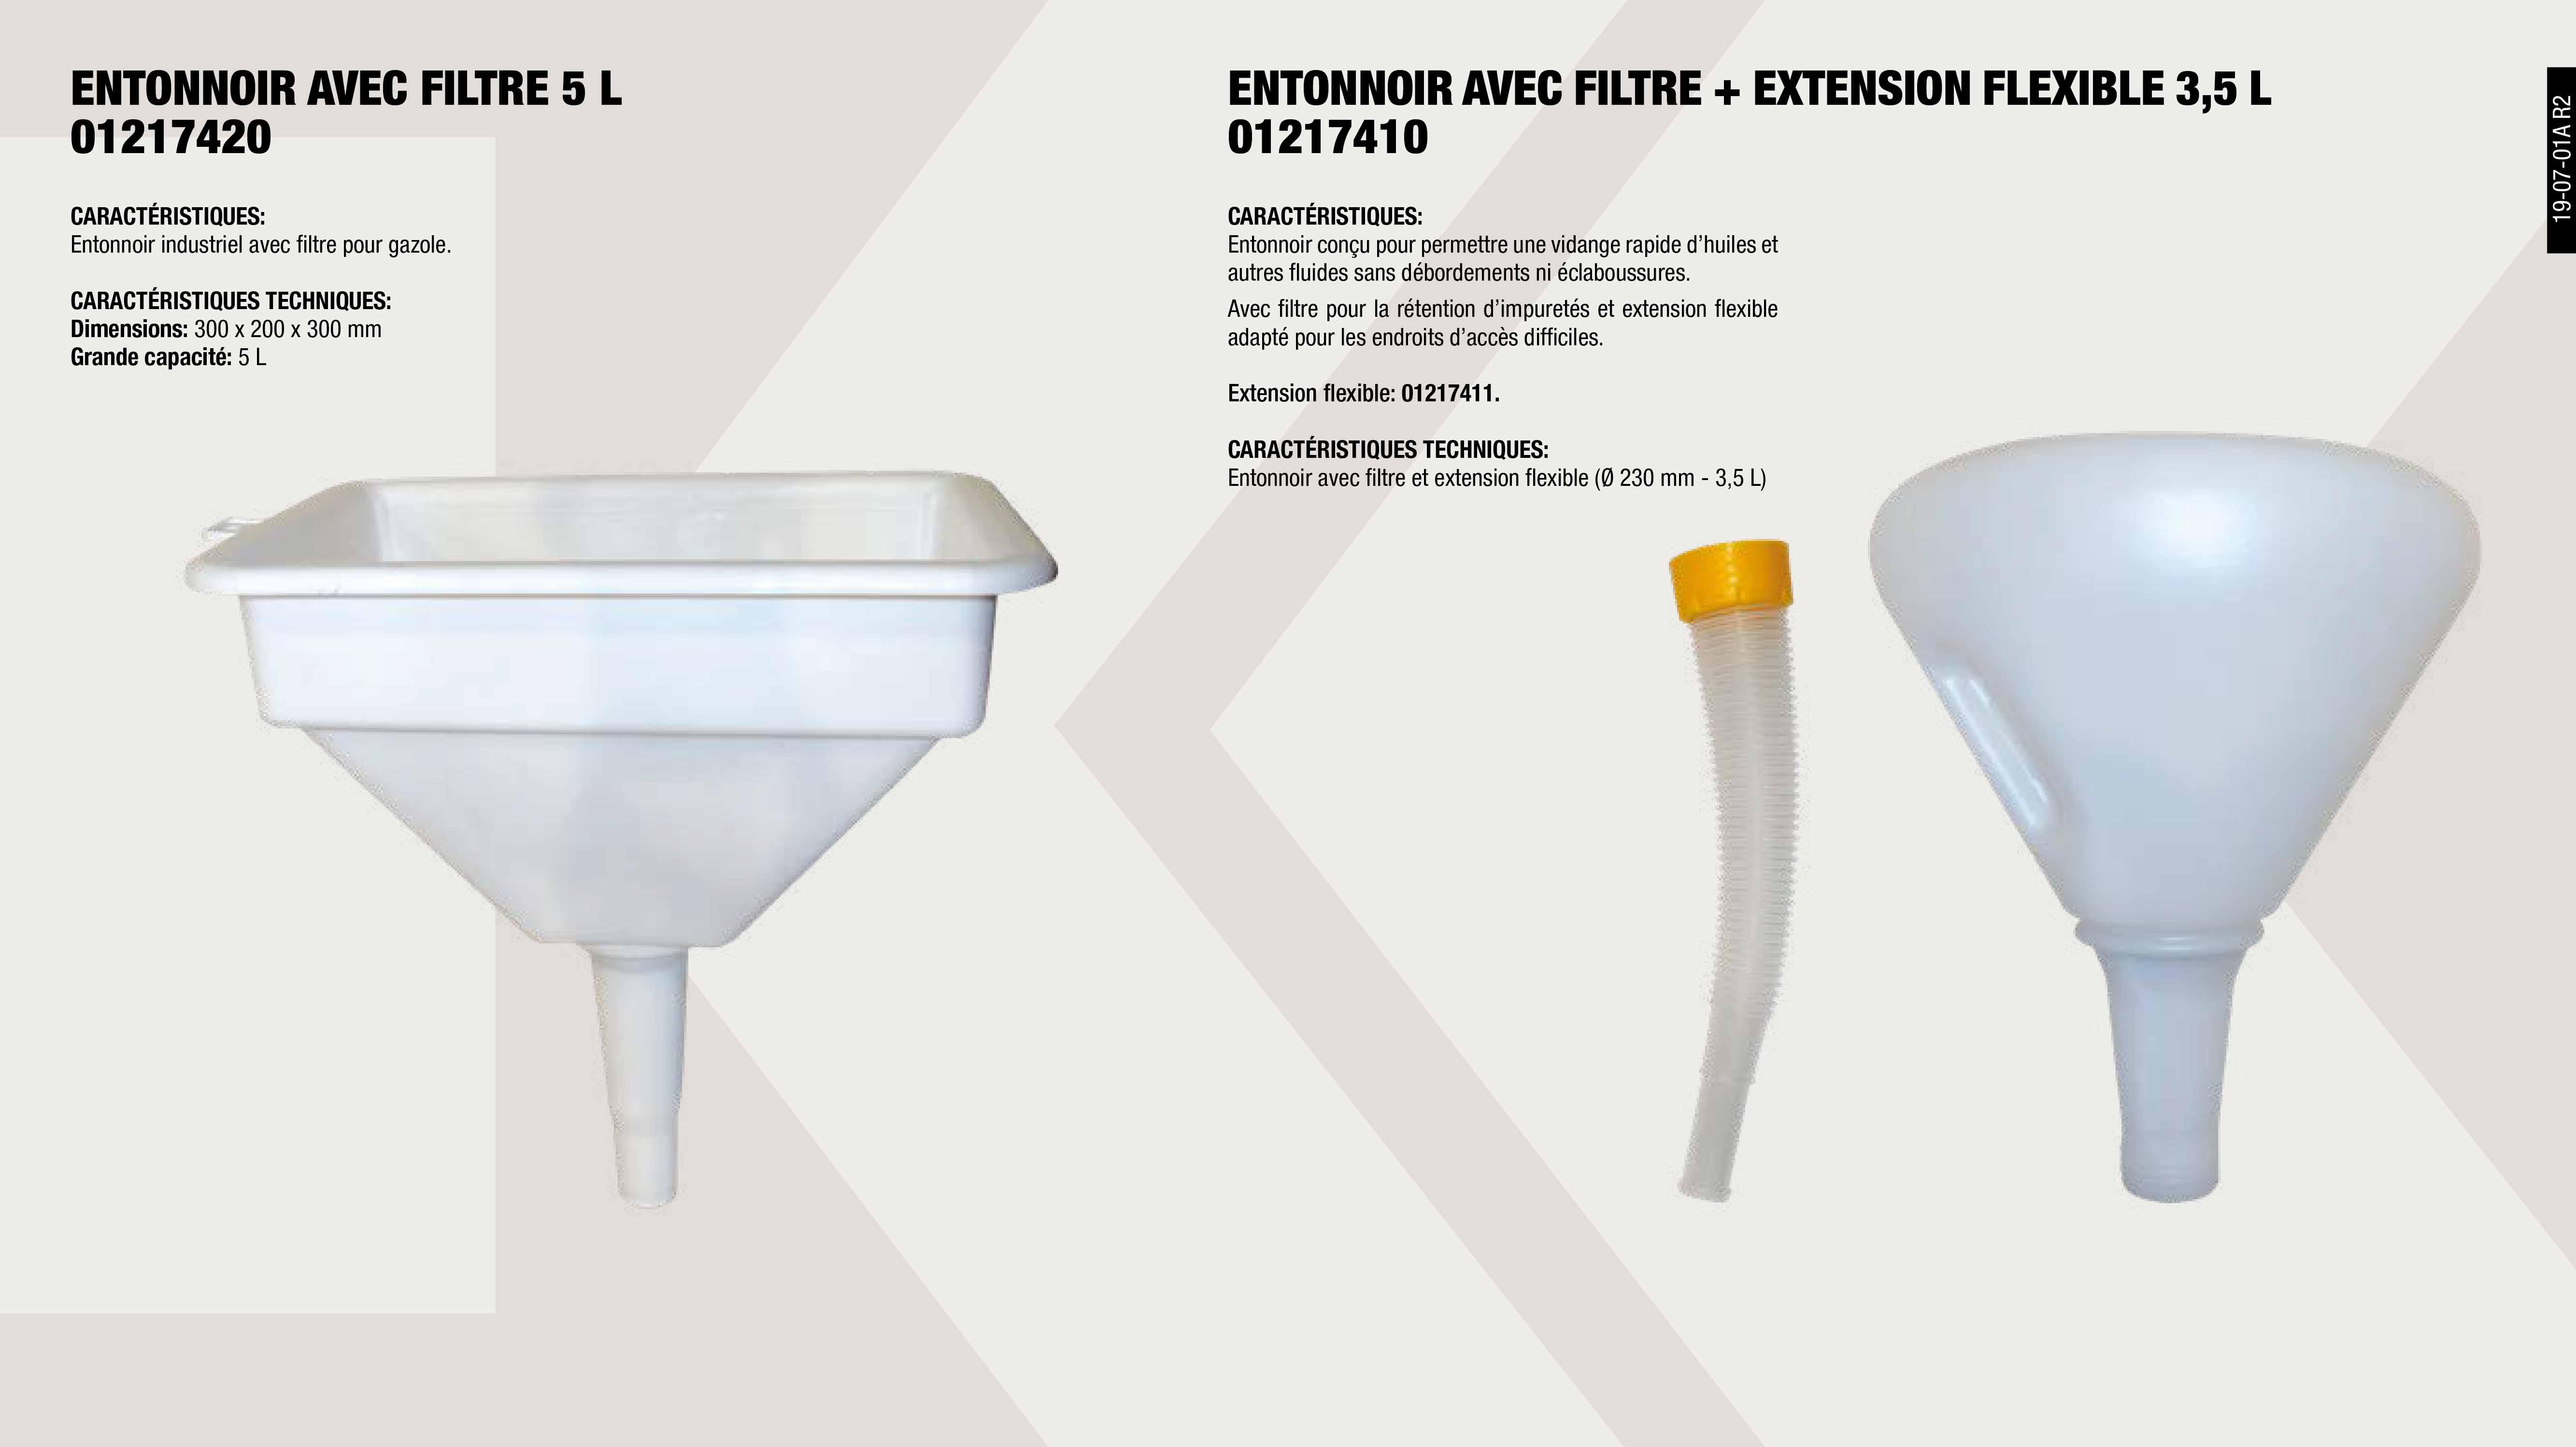 ENTONNOIR AVEC FILTRE + EX. FLEXIBLE 3,5 L. 230 MM          ,  ENTONNOIR AVE FILTRE POUR GASOIL 5L                         ,  SET DE 3 ENTONNOIRS CLASSIQUES                              ,  EXTENSION FLEXIBLE POUR ENTONNOIR 670023                    ,